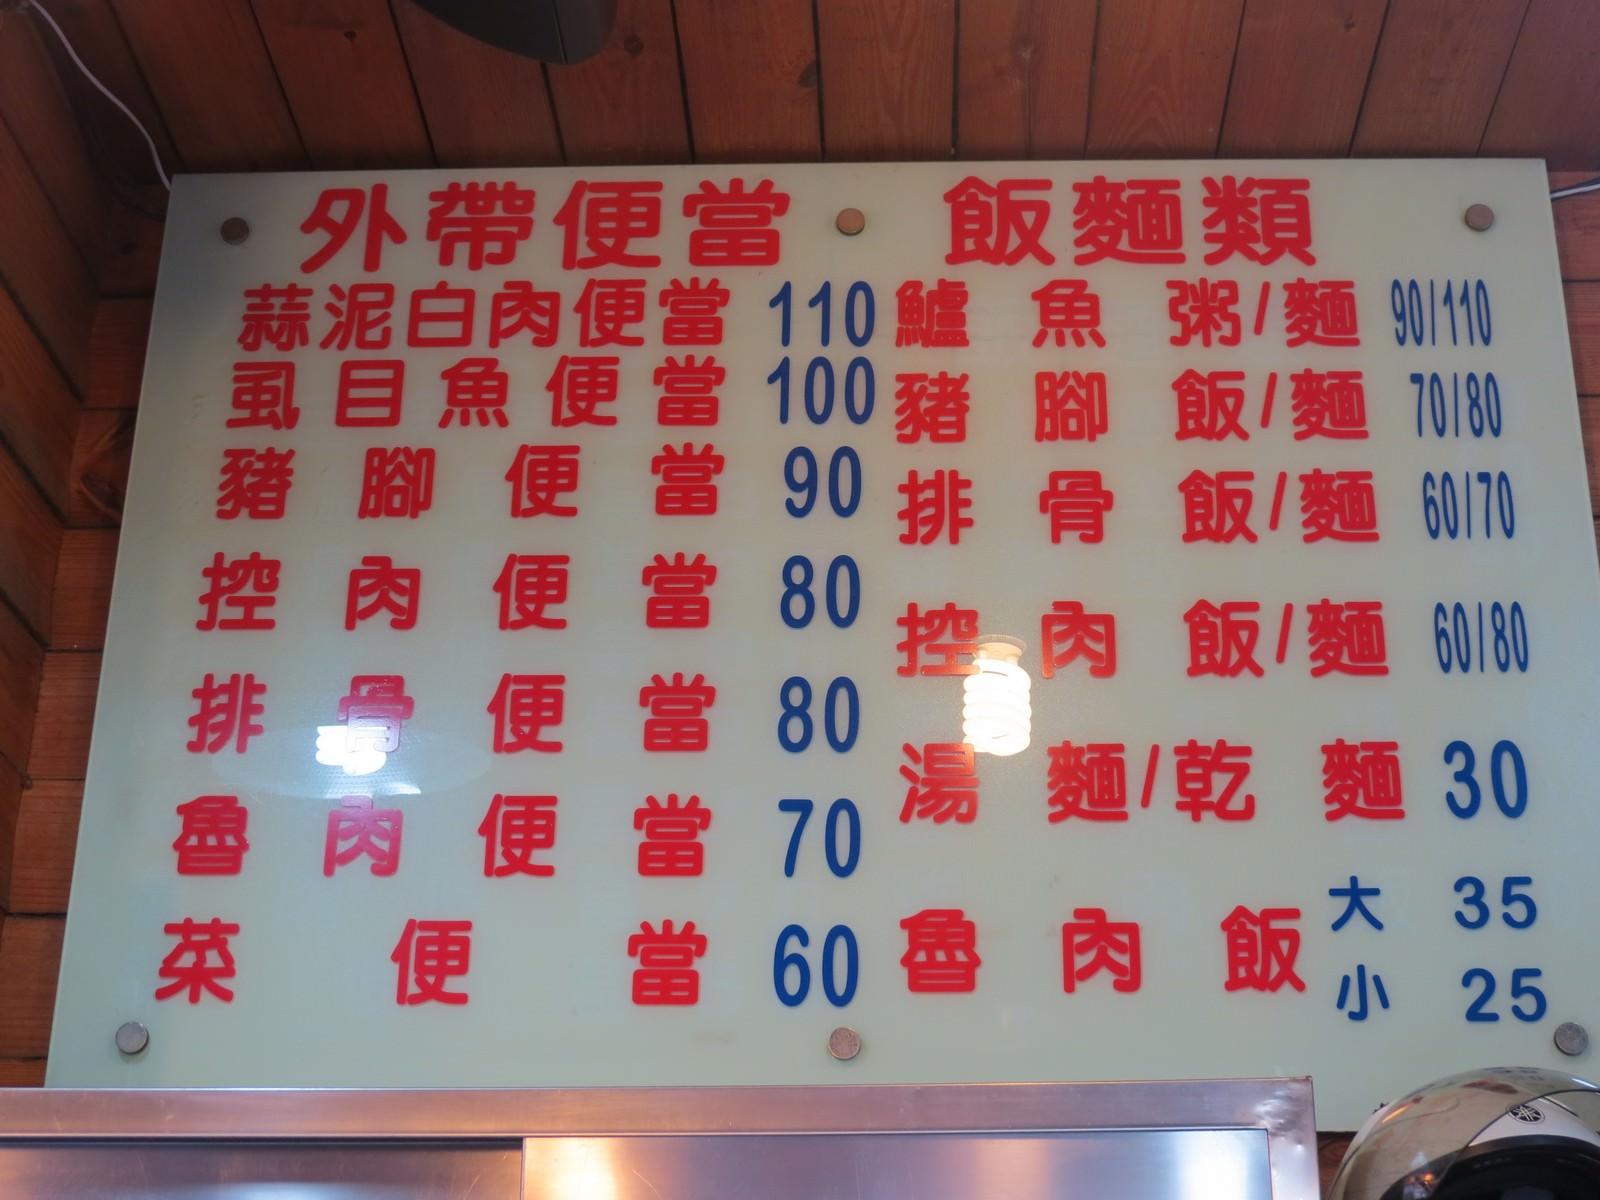 阿鴻知高飯‧鱸魚湯@廣州街夜市, 價目表/MENU